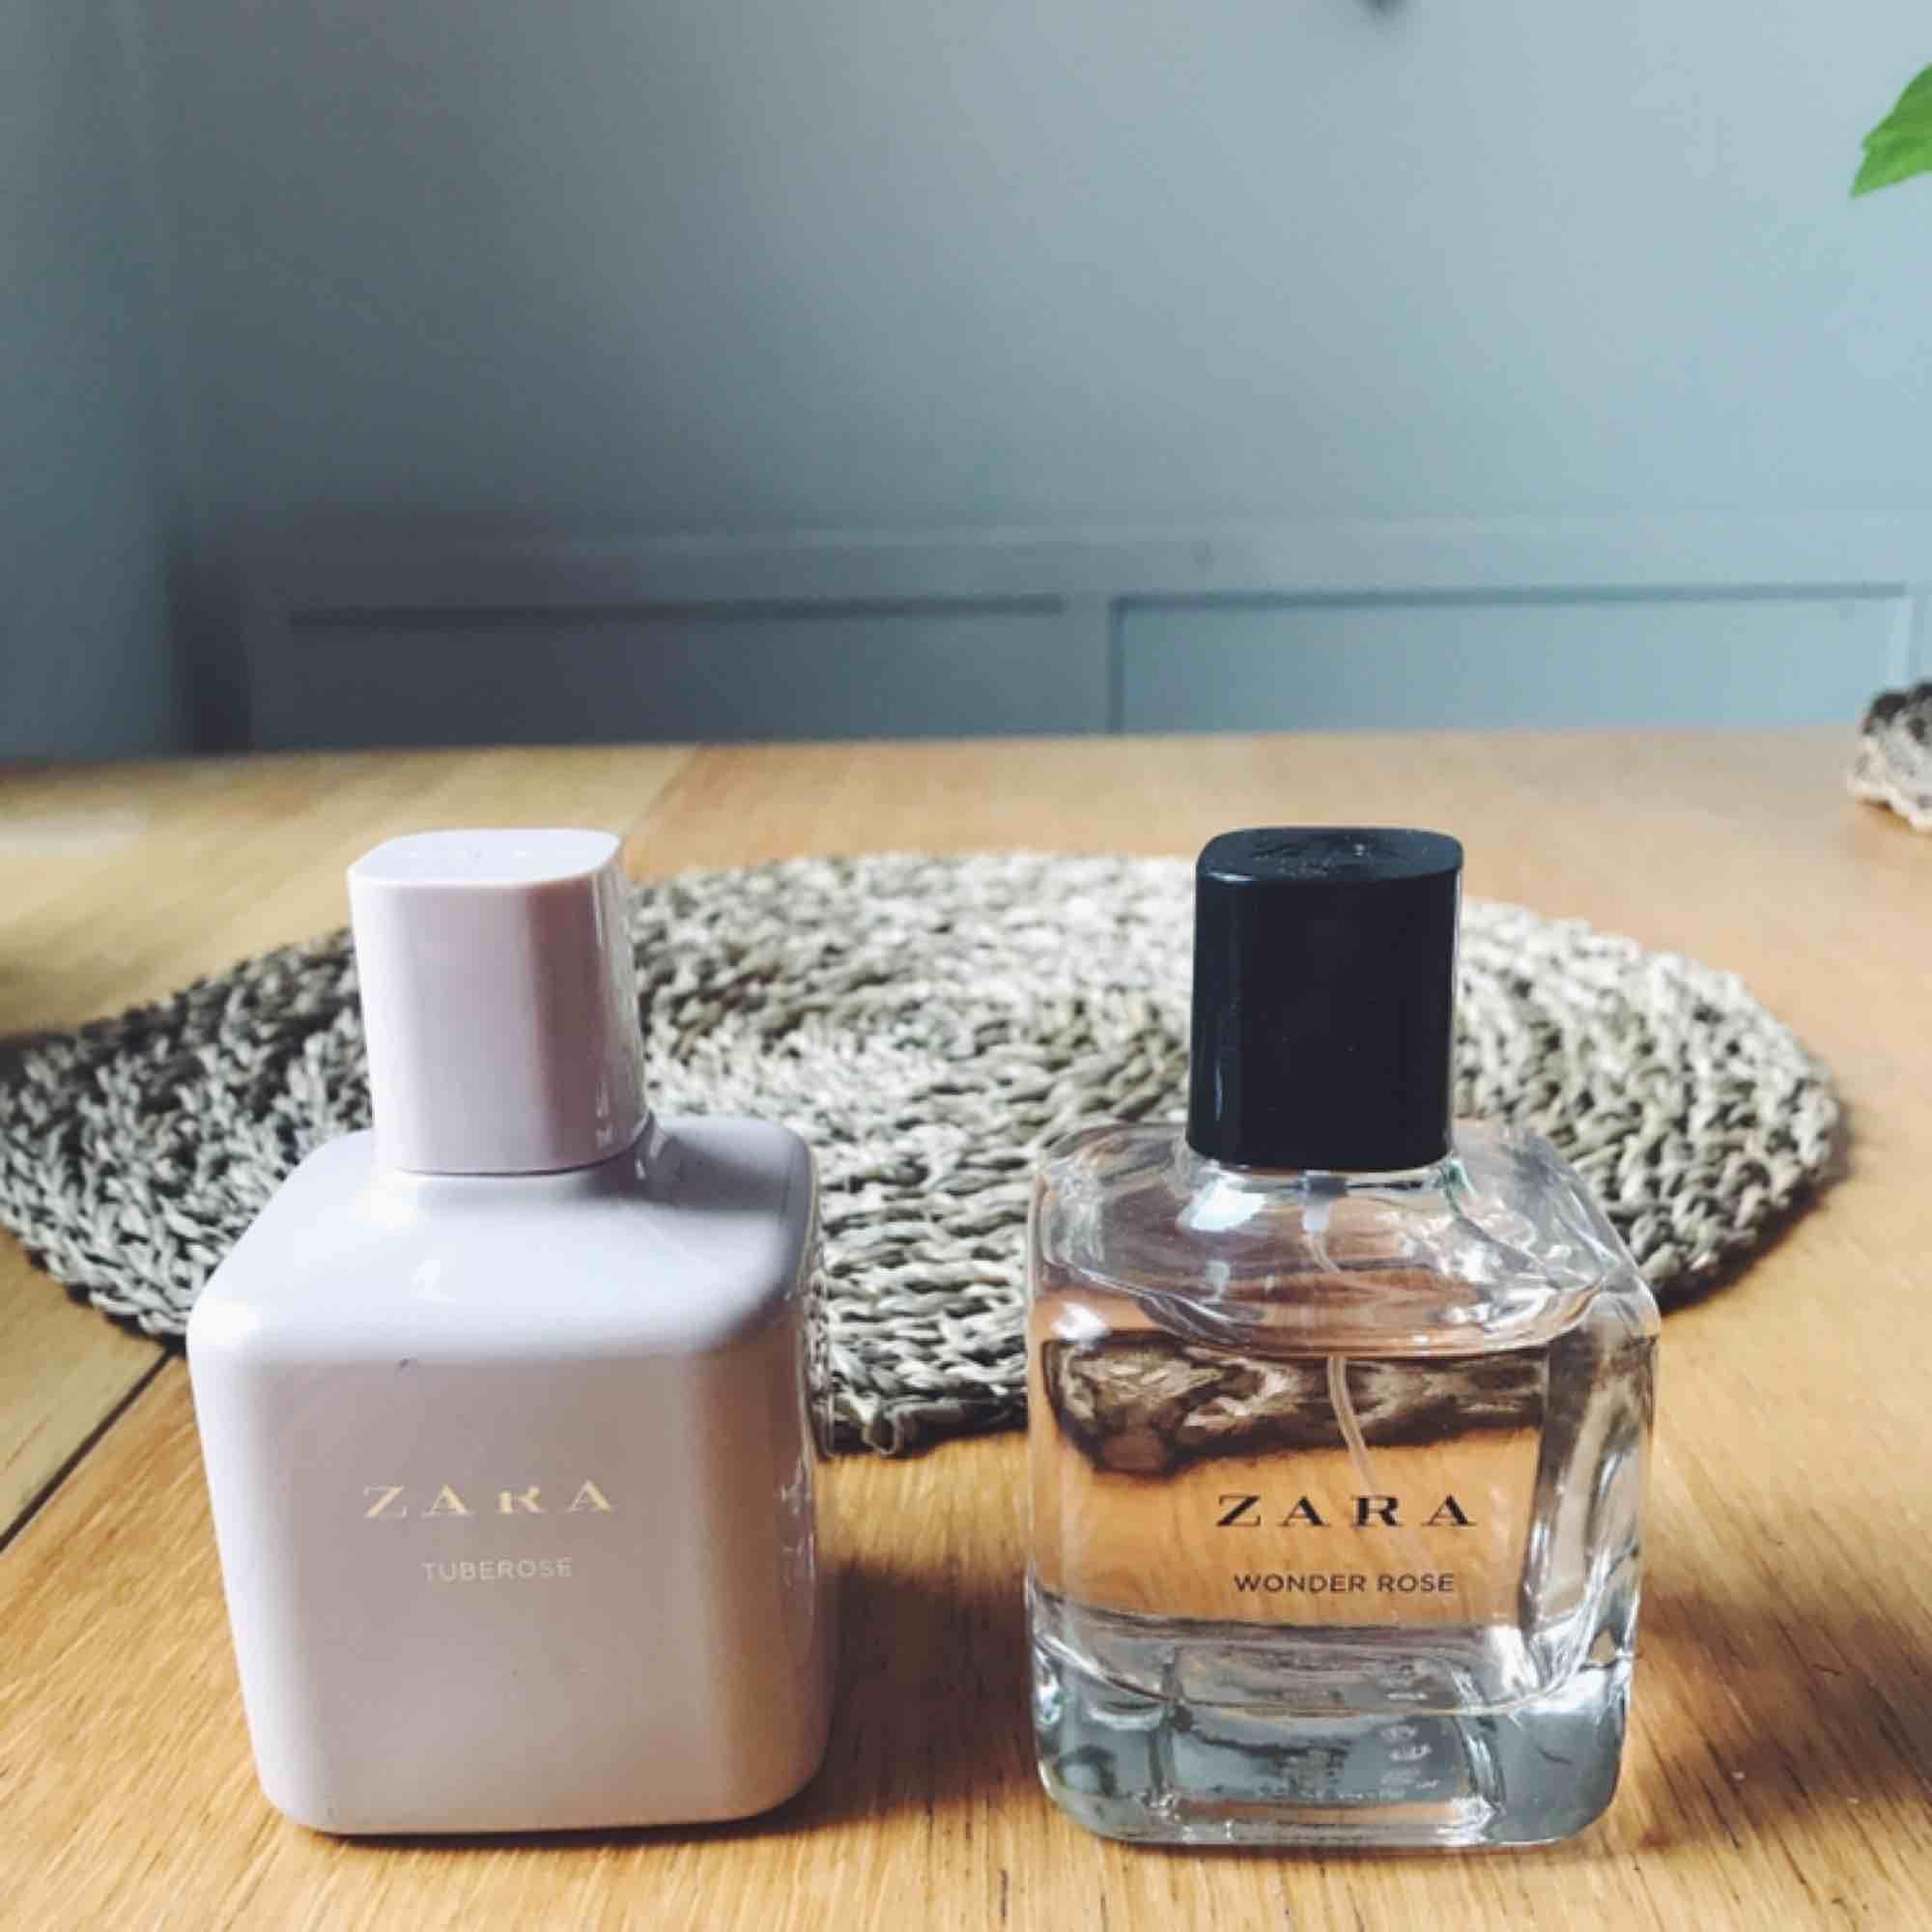 Två parfymer från Zara, knappt använda. Säljes pga fått en ny parfym.  Båda luktar supergott, de är lite för starka för min smak bara. Jag säljer alltså båda 2 för 100kr. Övrigt.